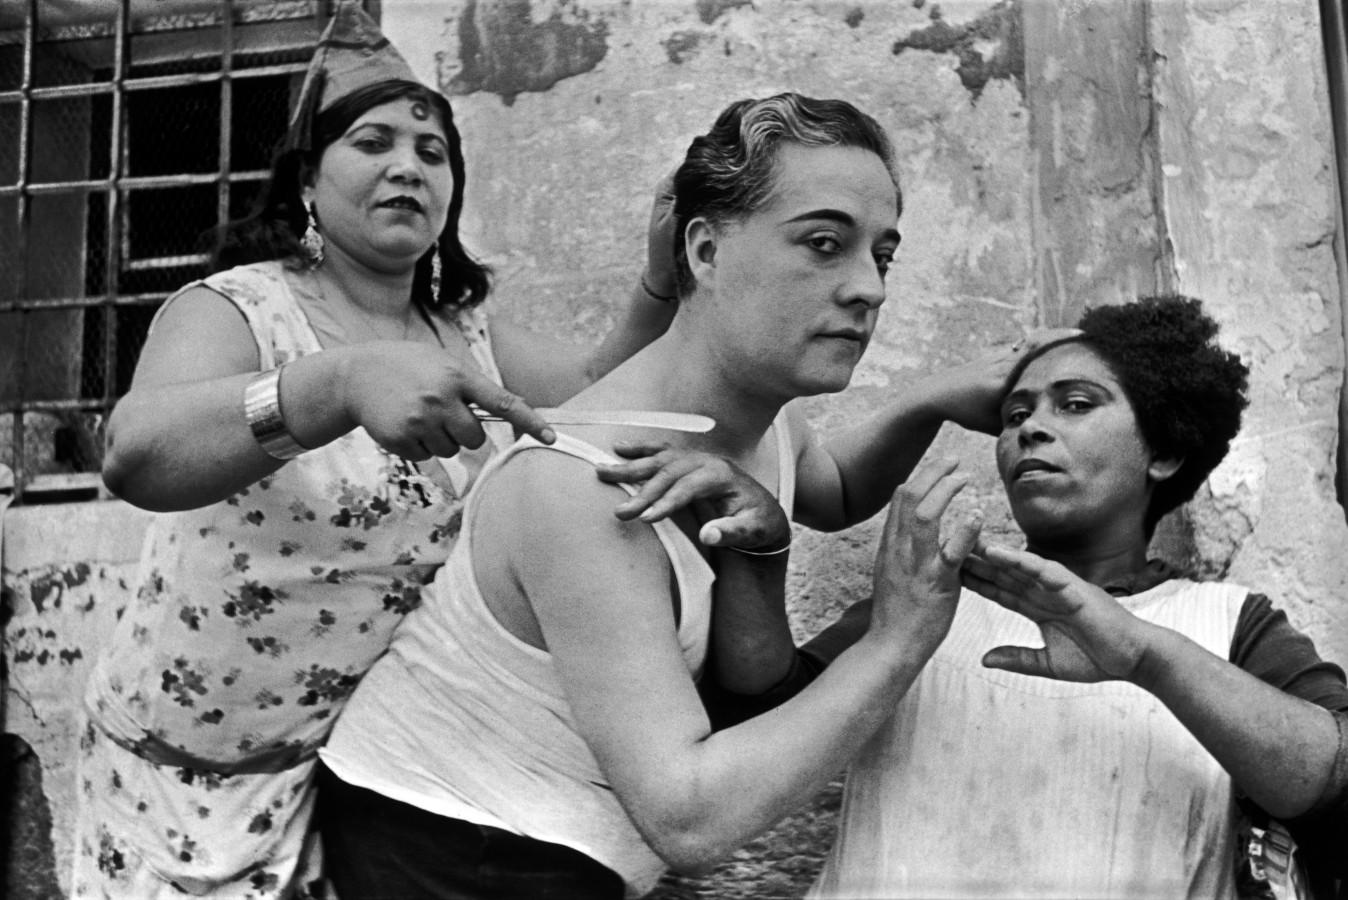 Henri Cartier-Bresson Alicante, Spain 1933